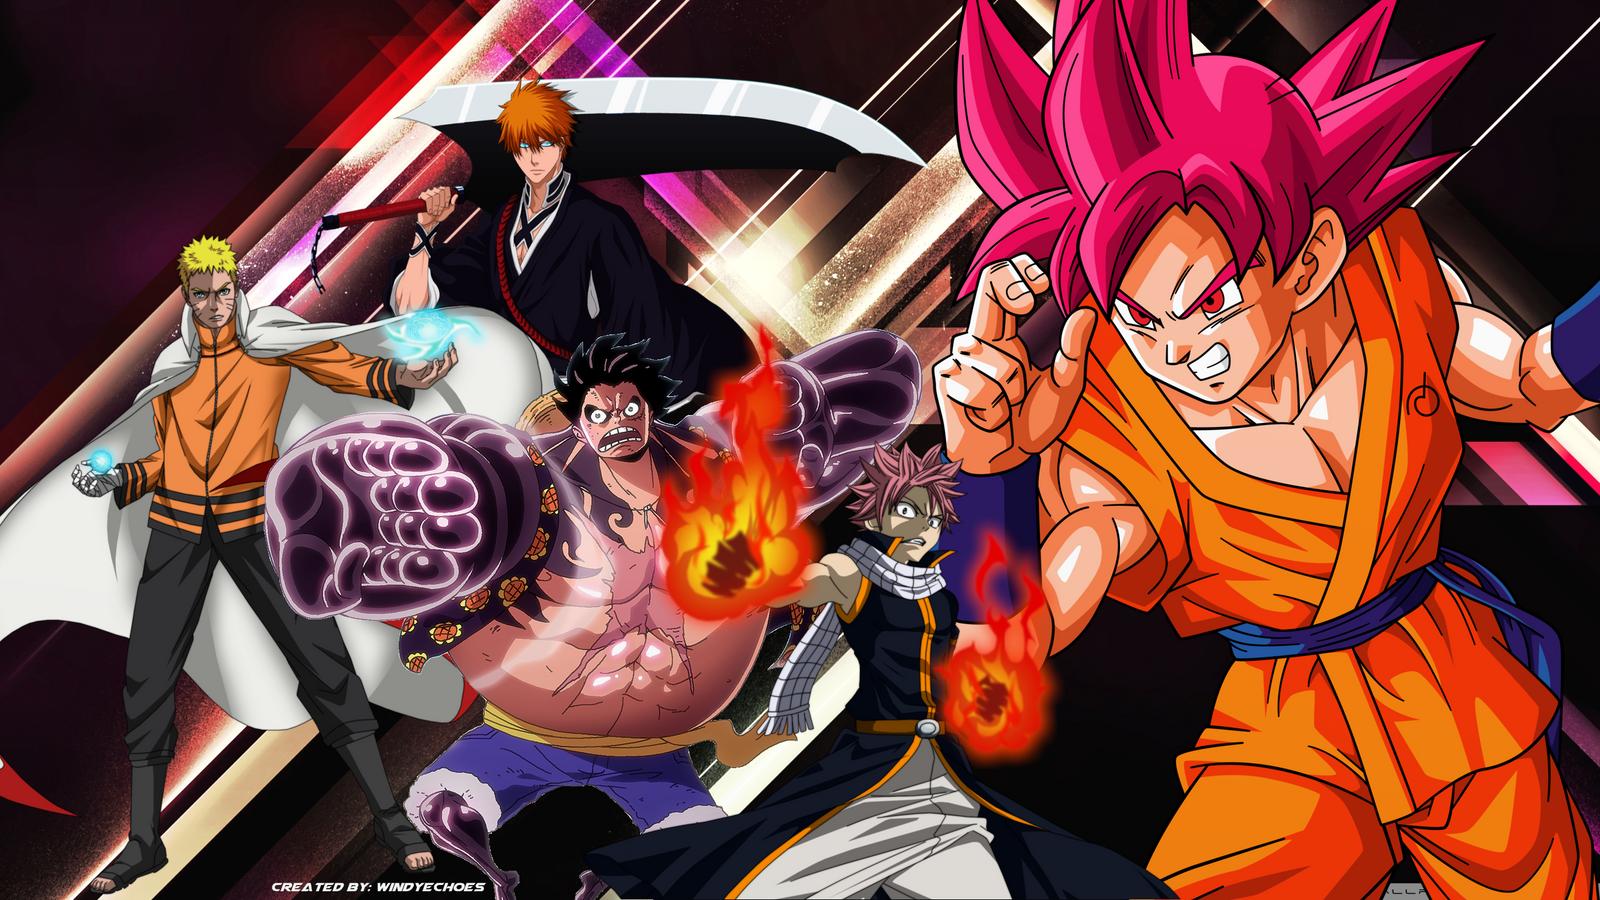 Gokuichigonarutoluffynatsu Anime Wallpaper By Windyechoes